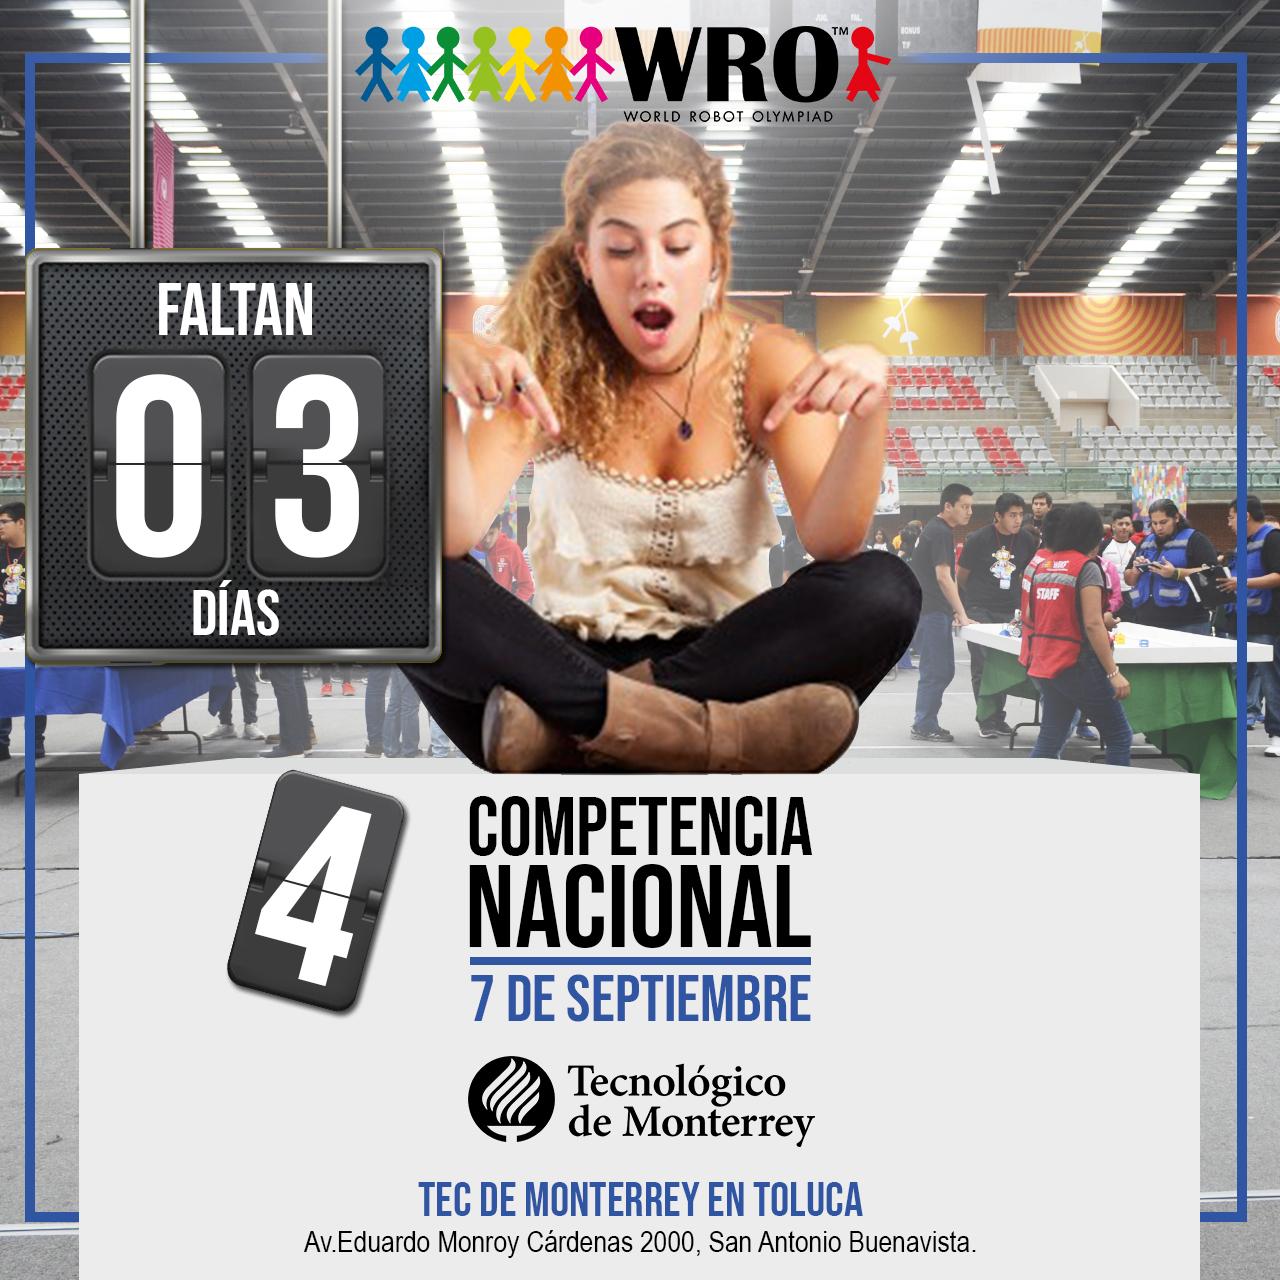 WRO México | Faltan 3 días Nacional WRO